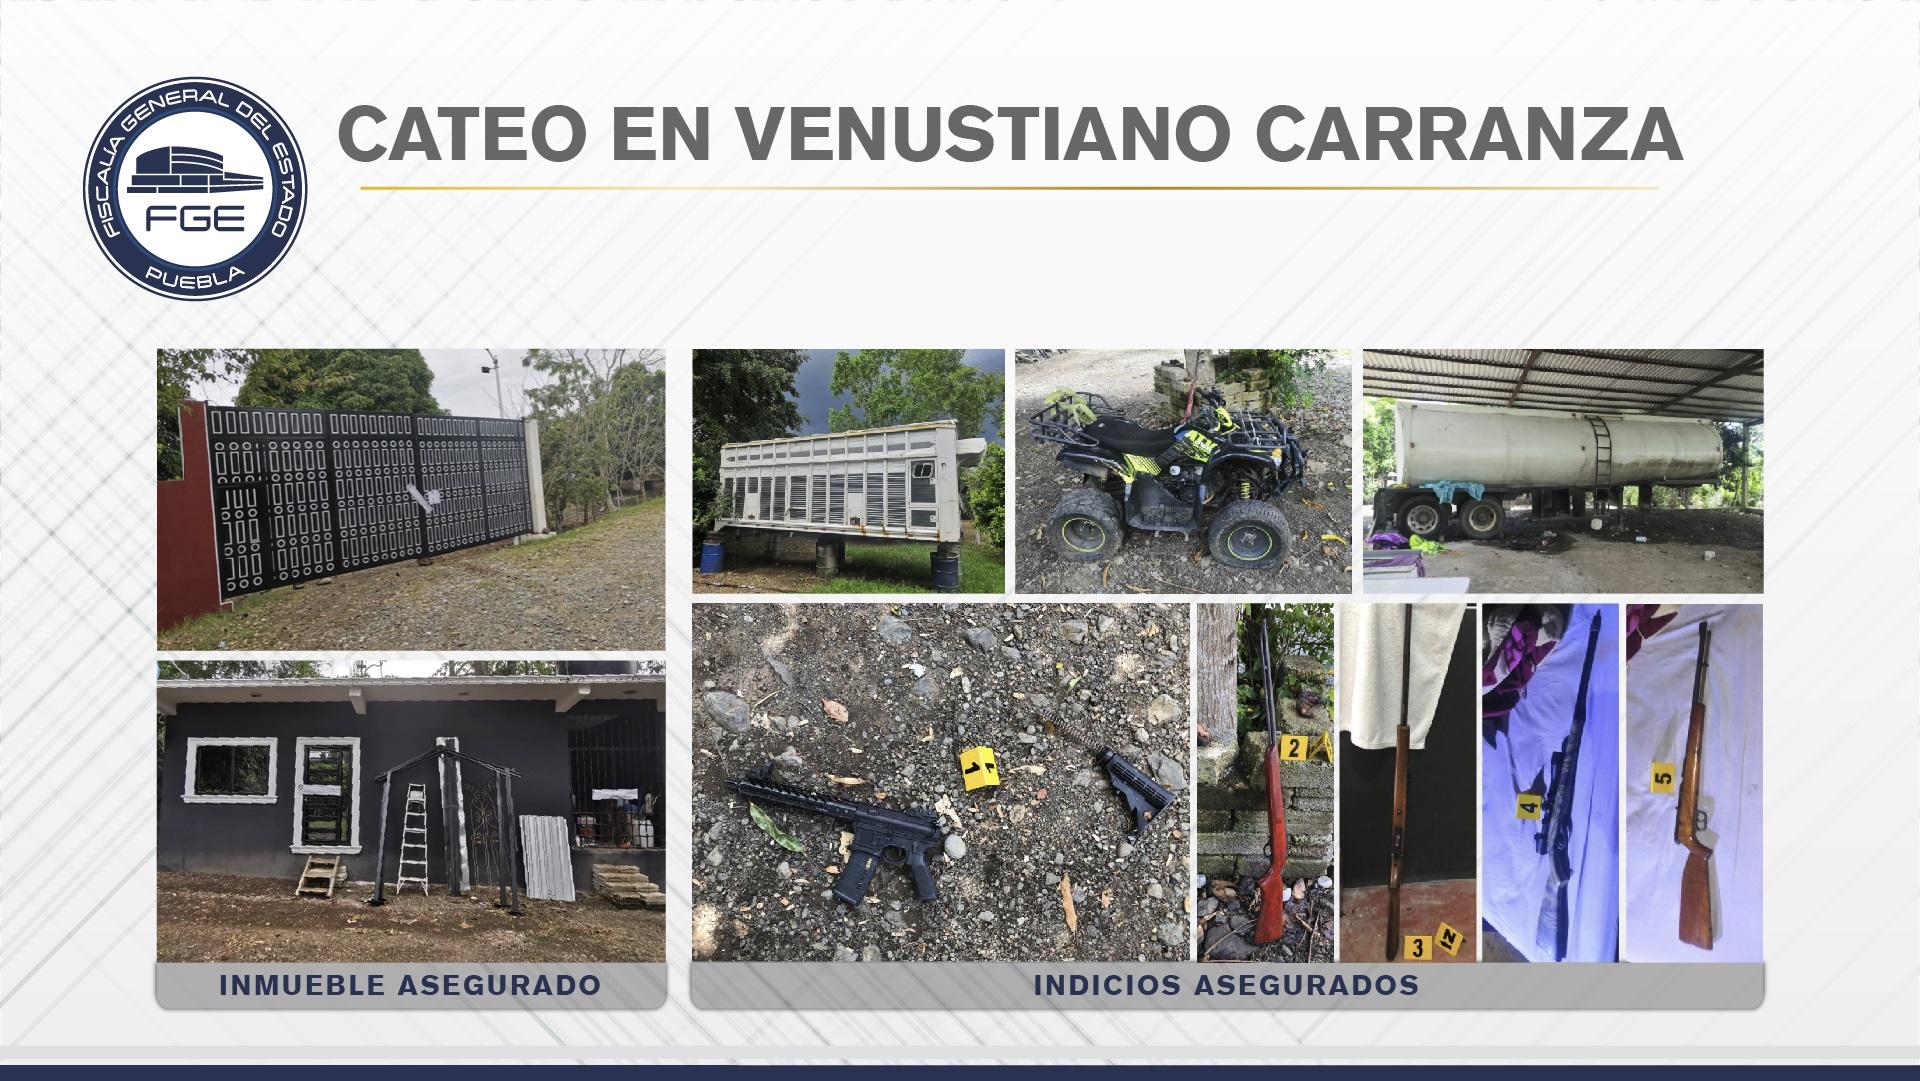 FGE aseguró armas y vehículos en cateo en Venustiano Carranza